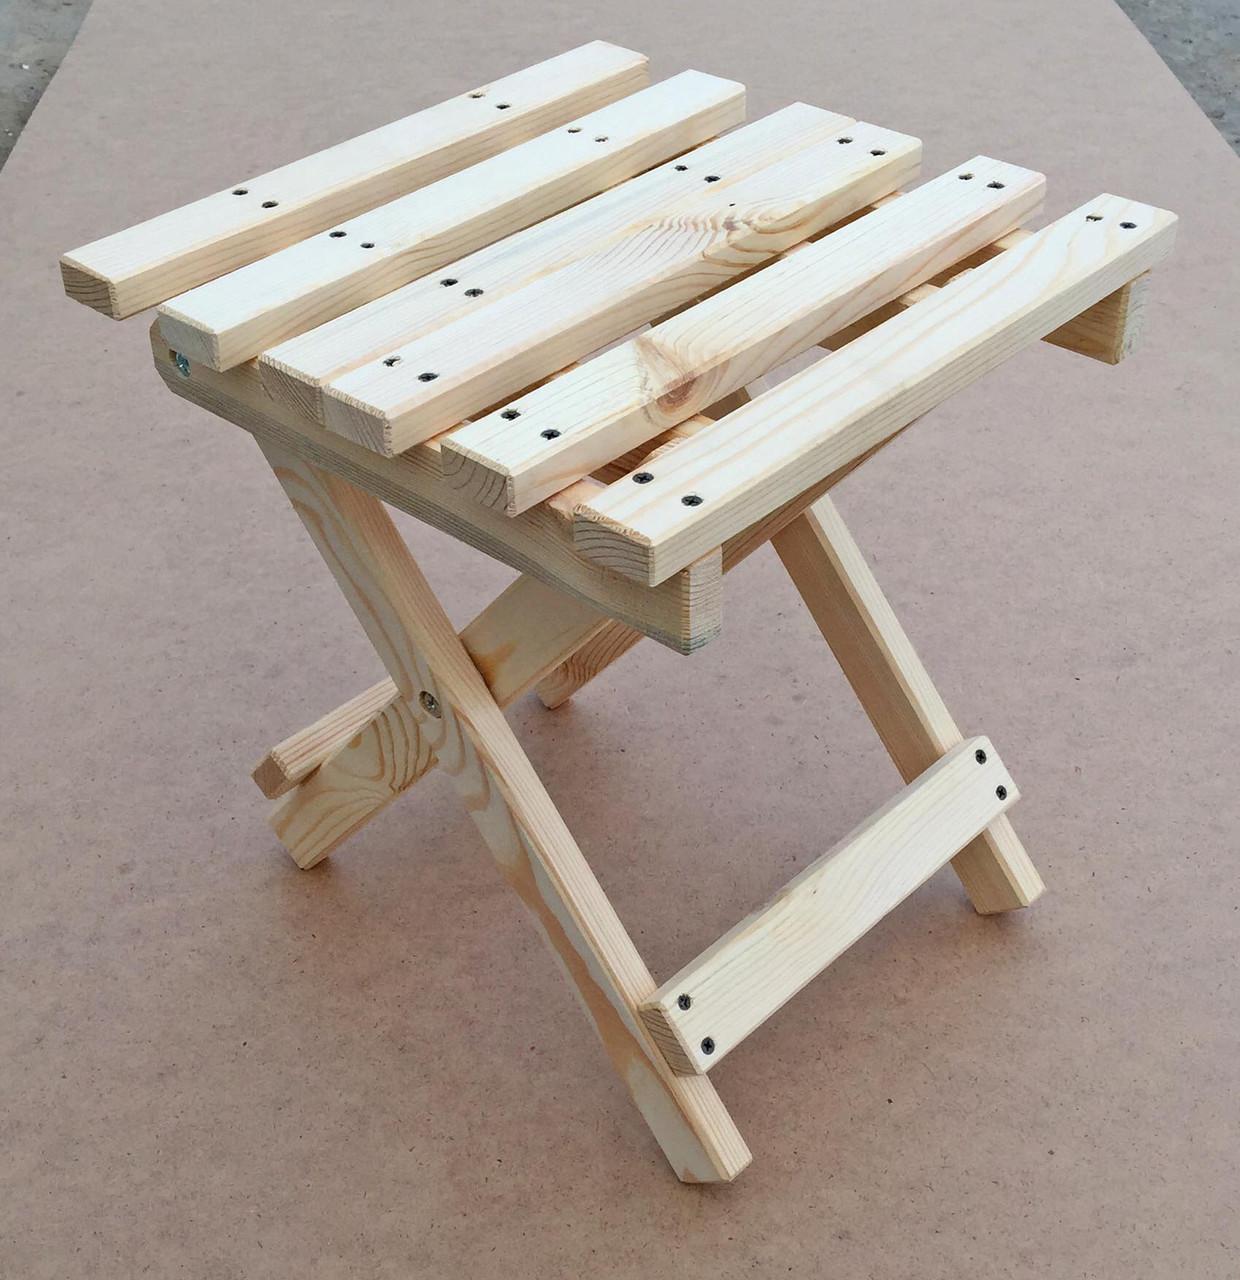 Самодельный складной стул для рыбака за 100 рублей